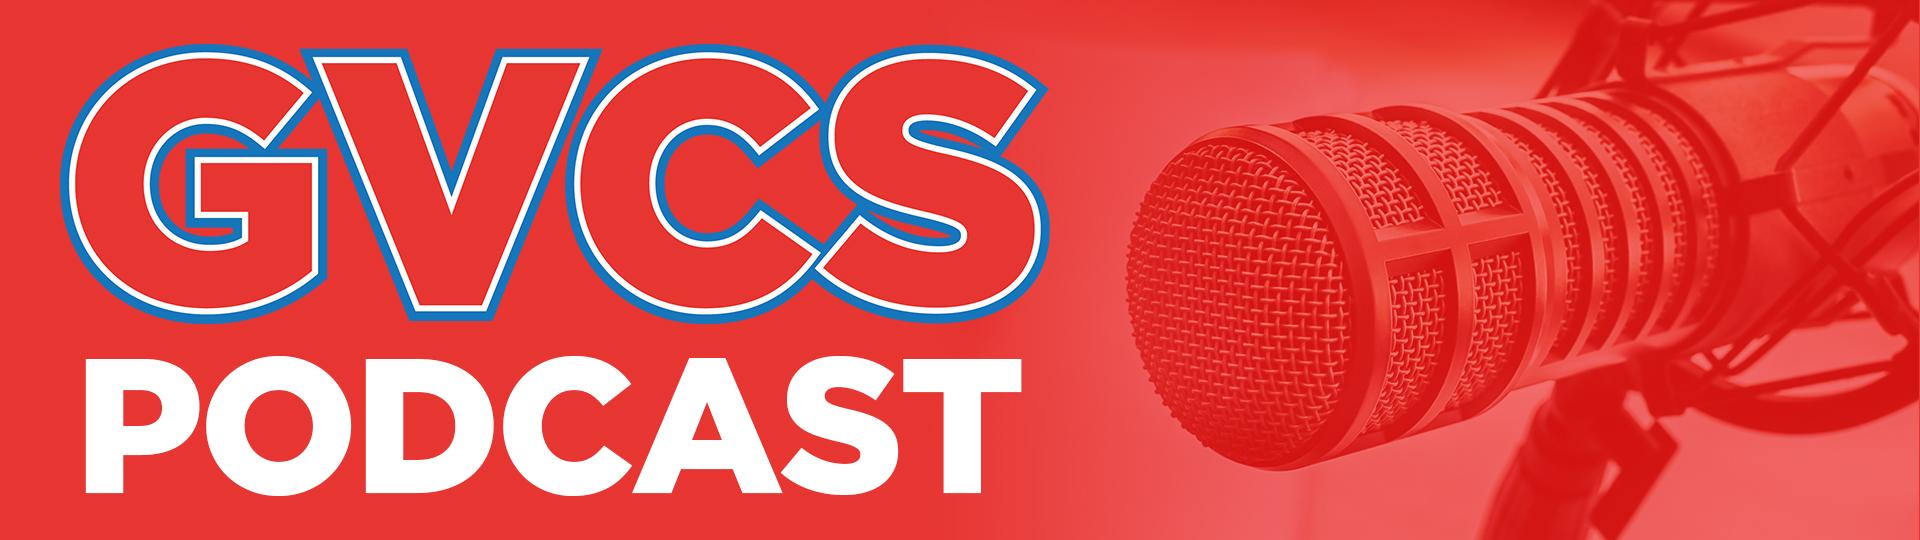 GVCS Podcast